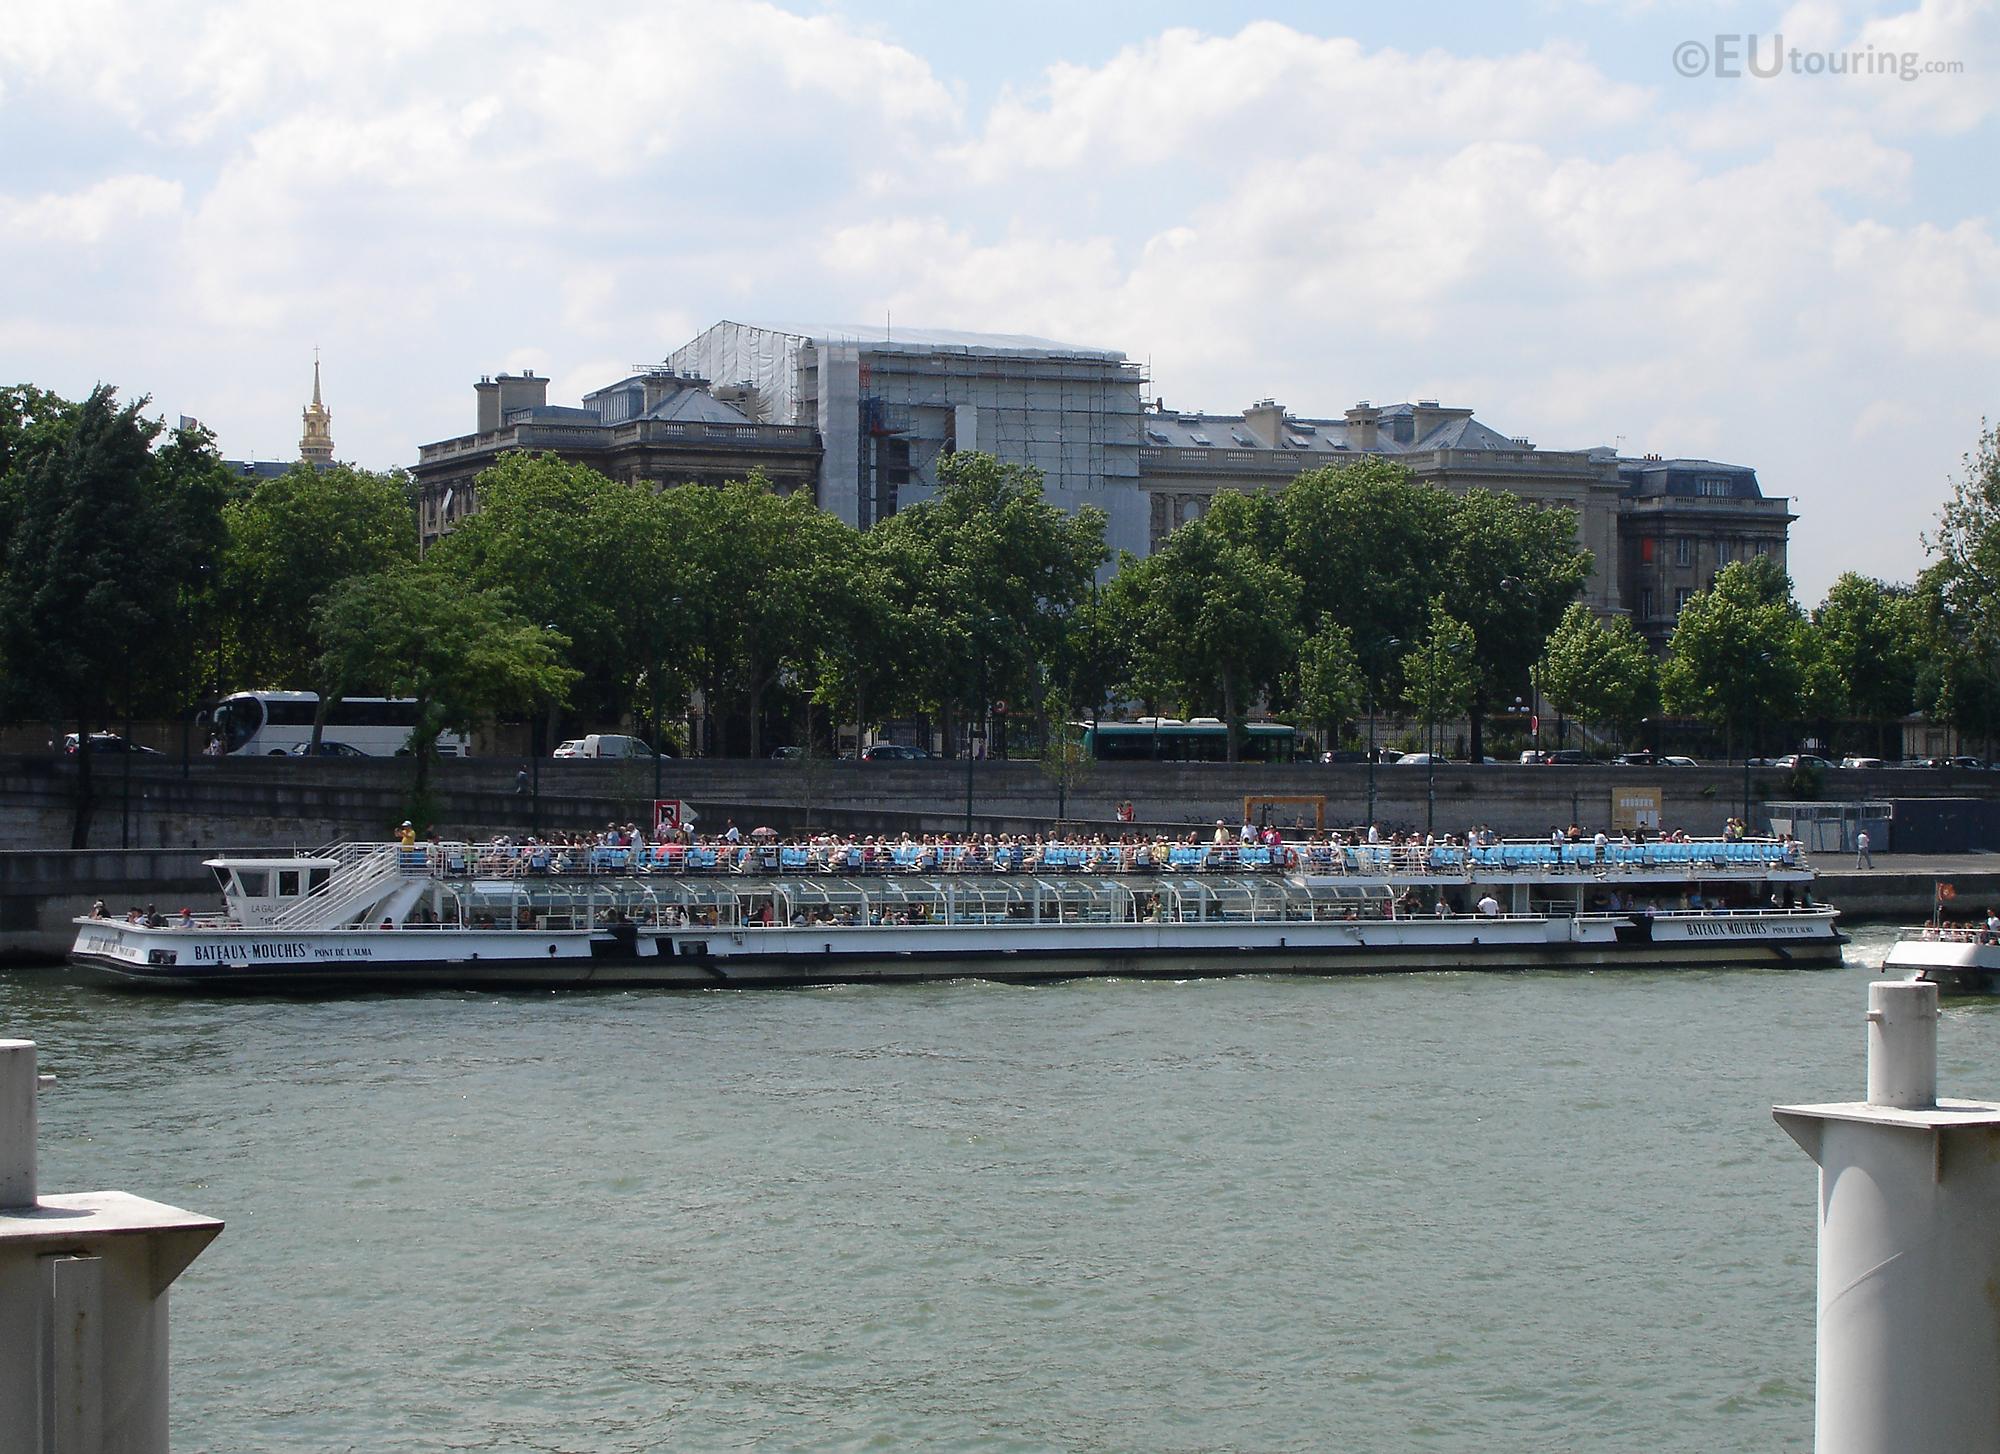 Bateaux Mouches tour boat